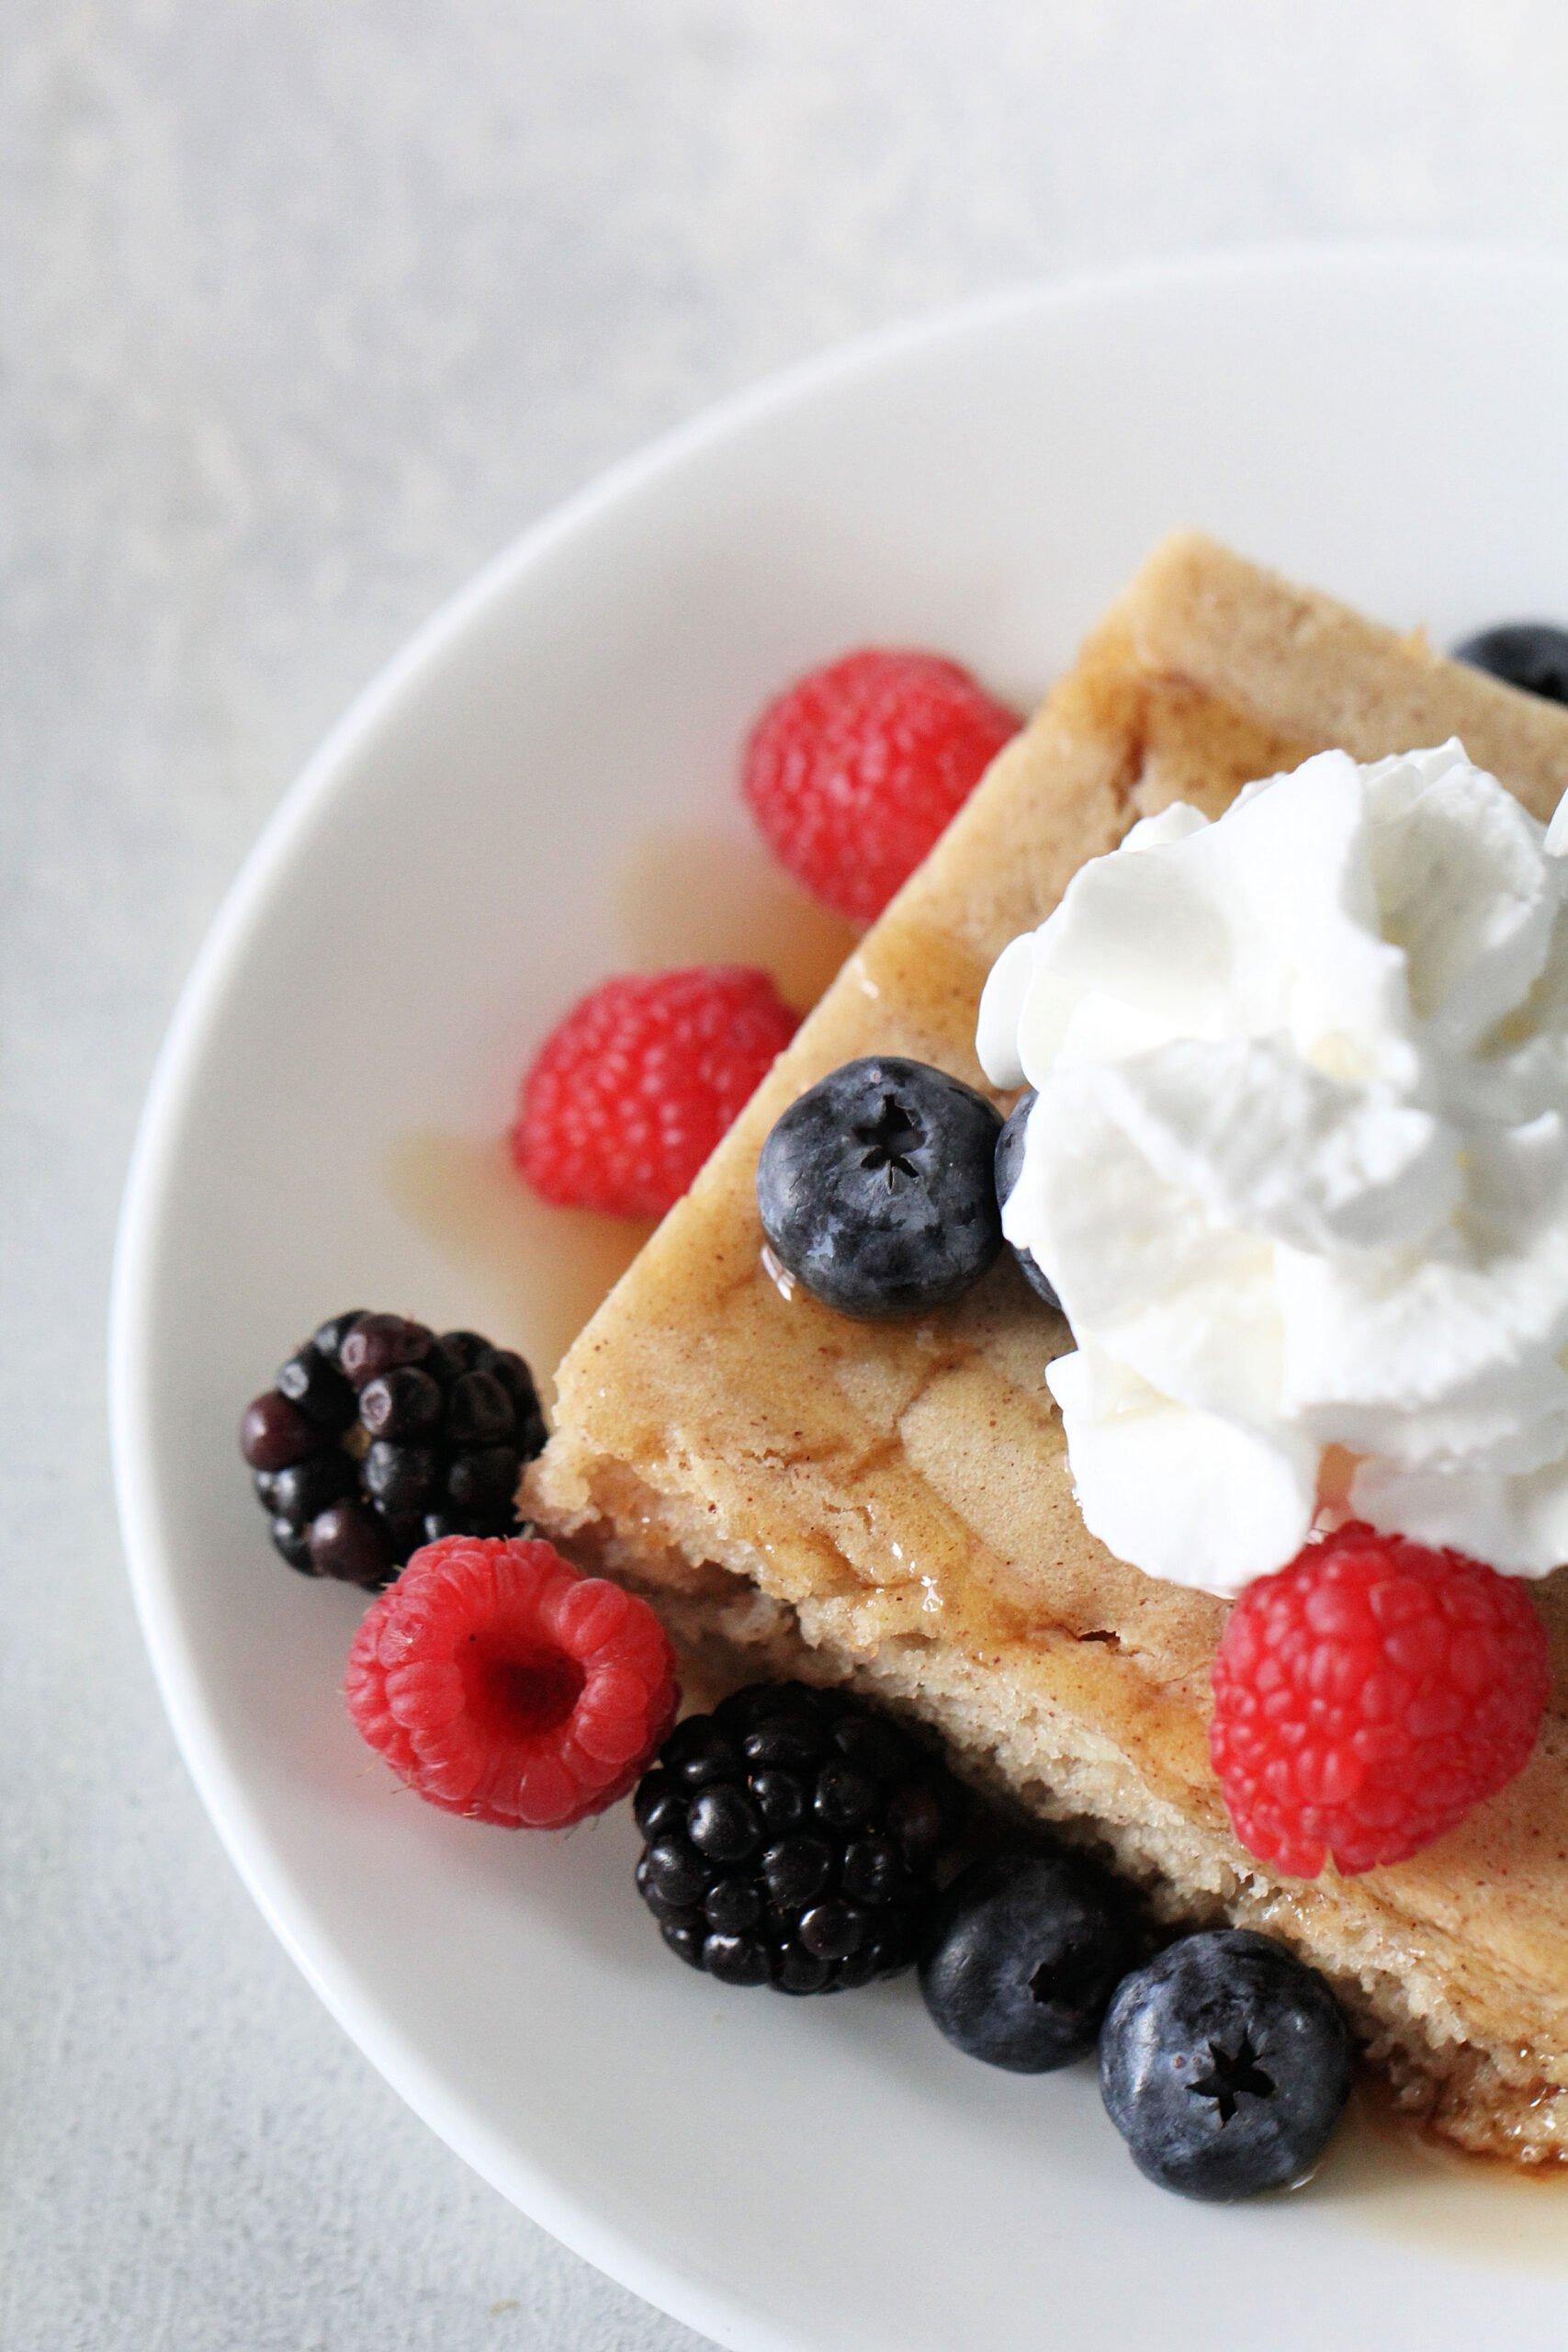 Baked Pancakes (Freezer Meal) Recipe